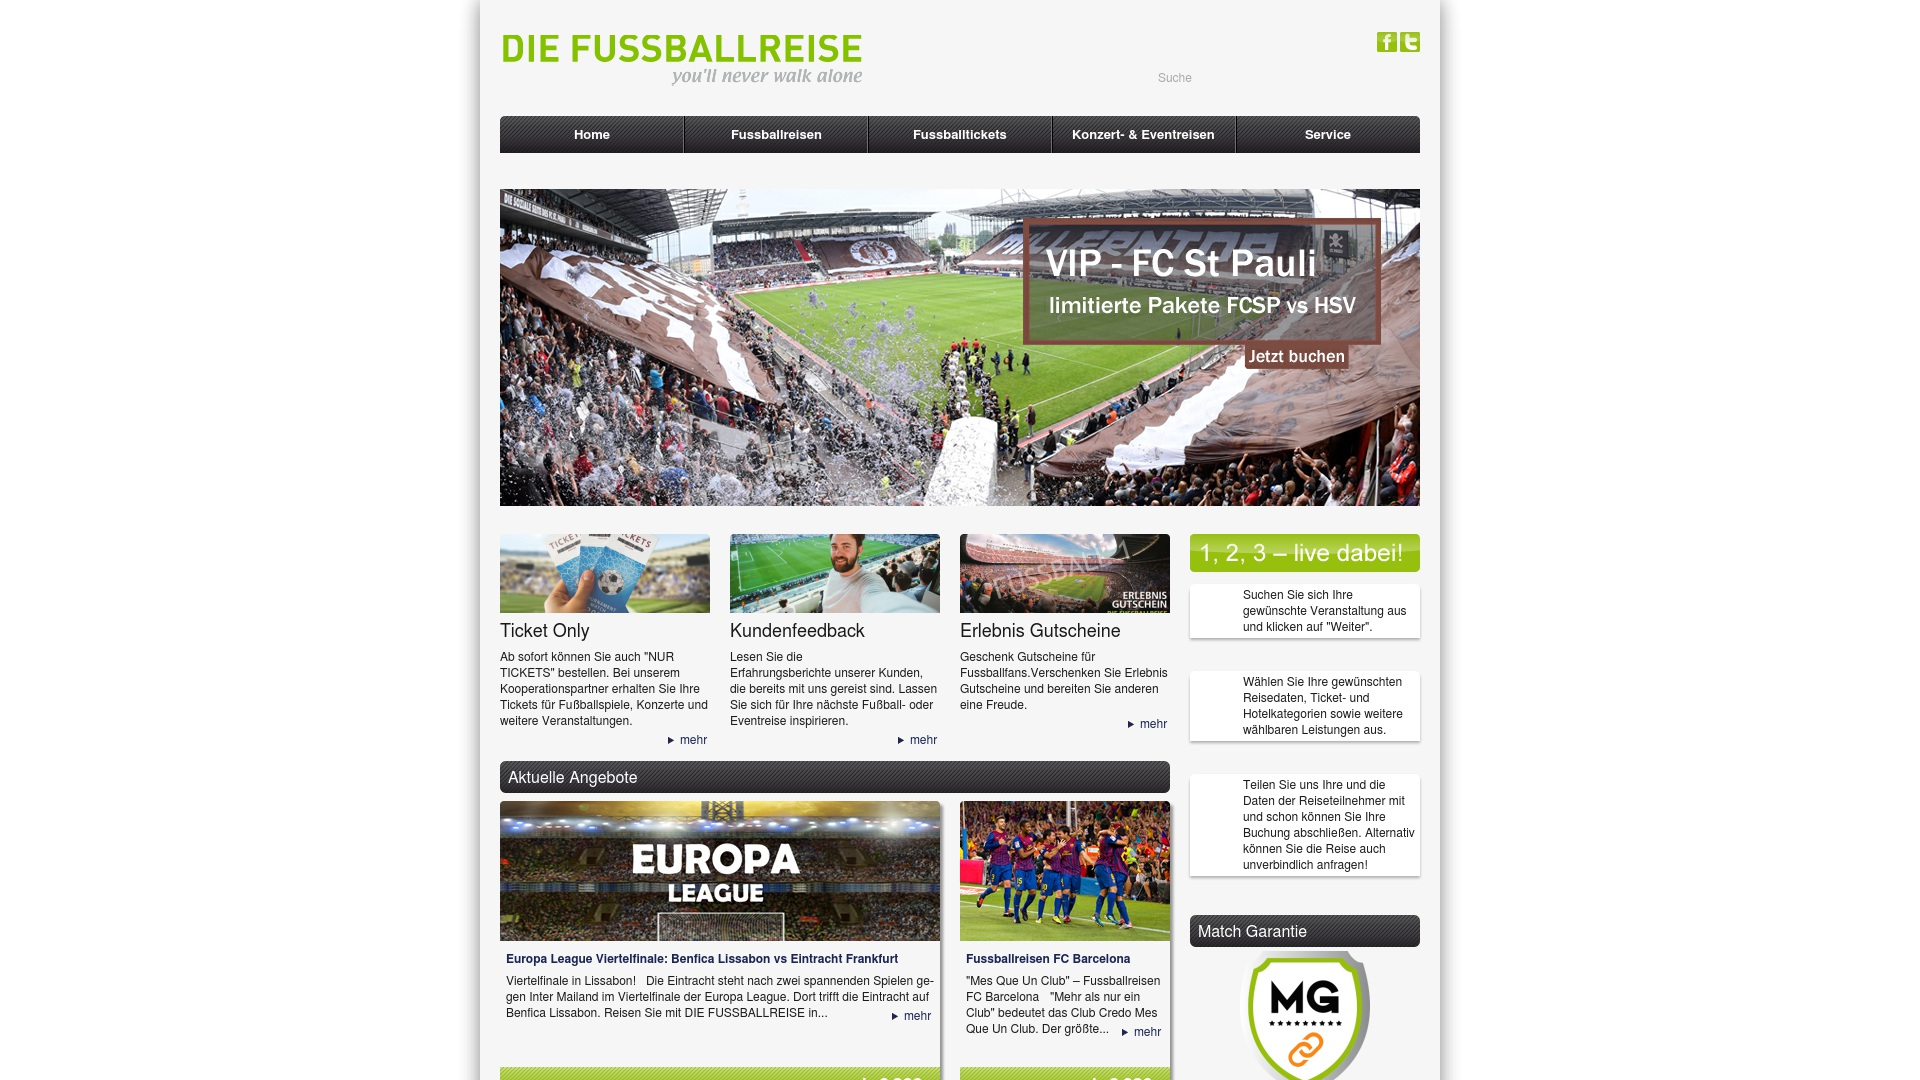 Gutschein für Die-fussballreise: Rabatte für  Die-fussballreise sichern